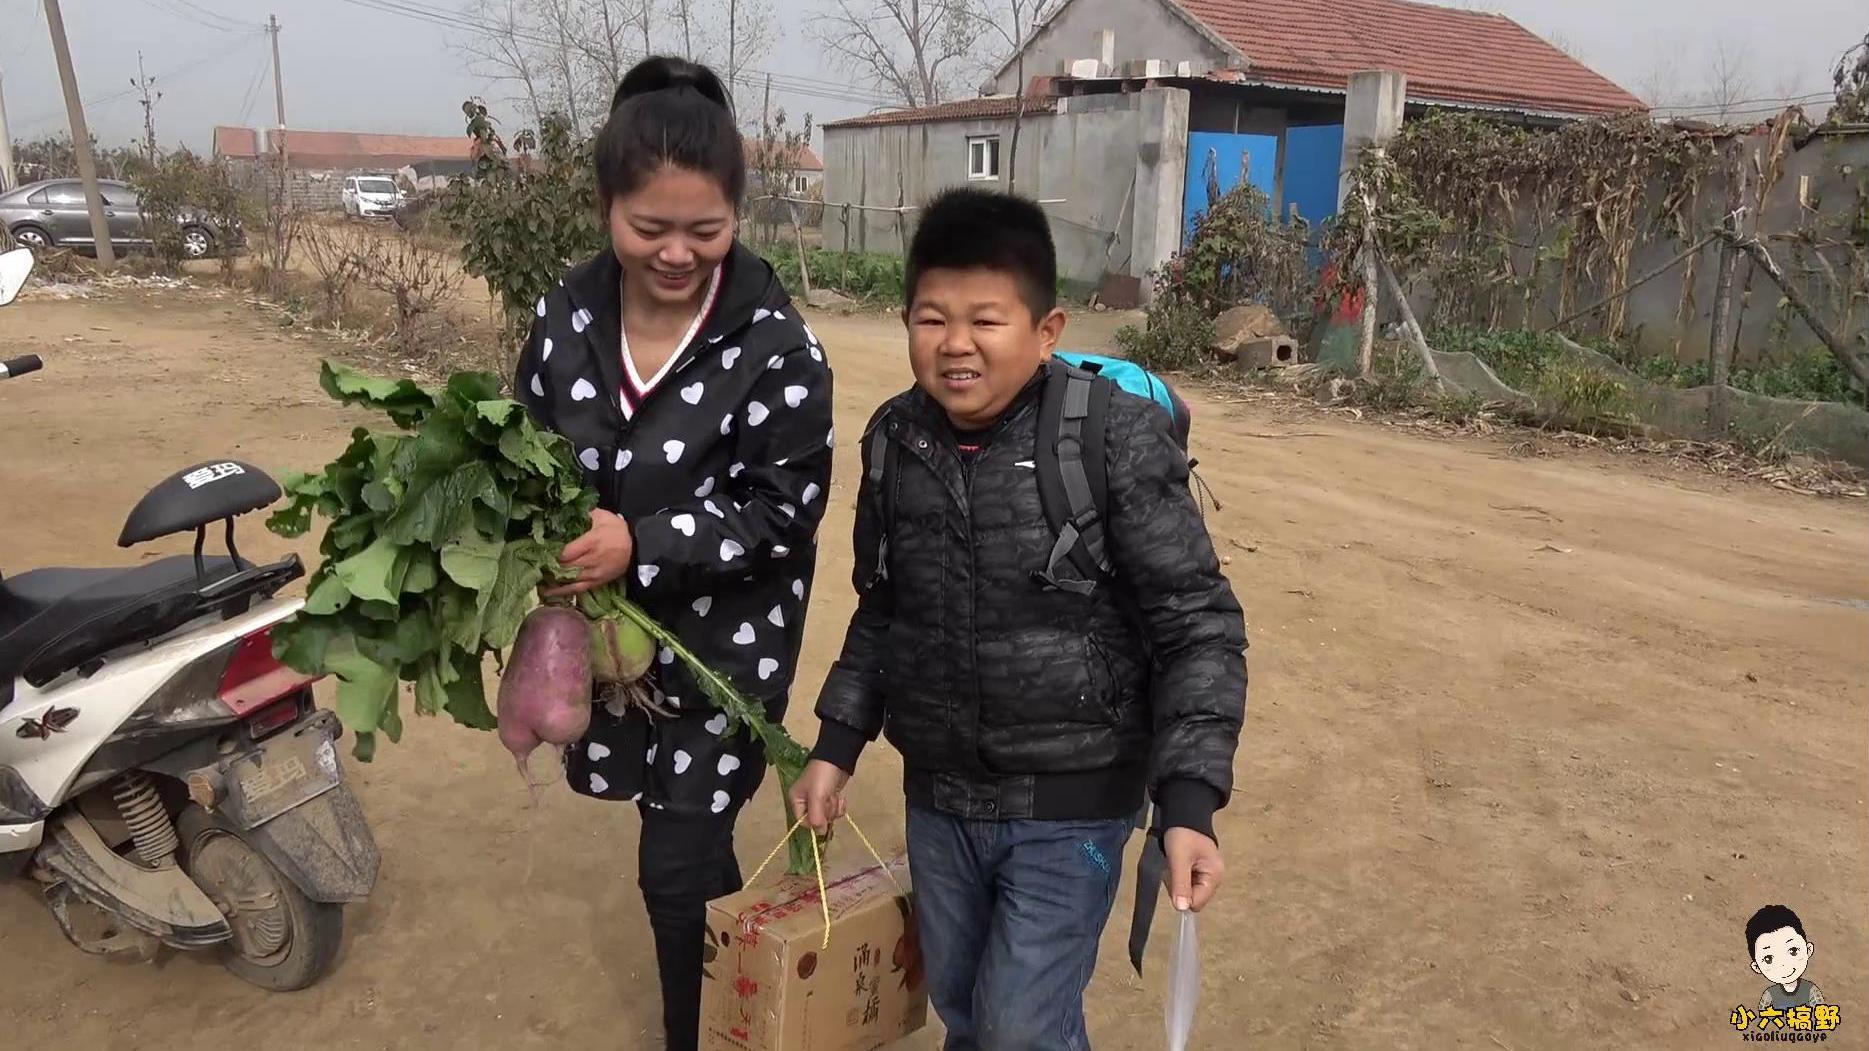 小六到江苏学习,顺道拜访下小乔,小六却先跟小乔家的猪混个熟脸